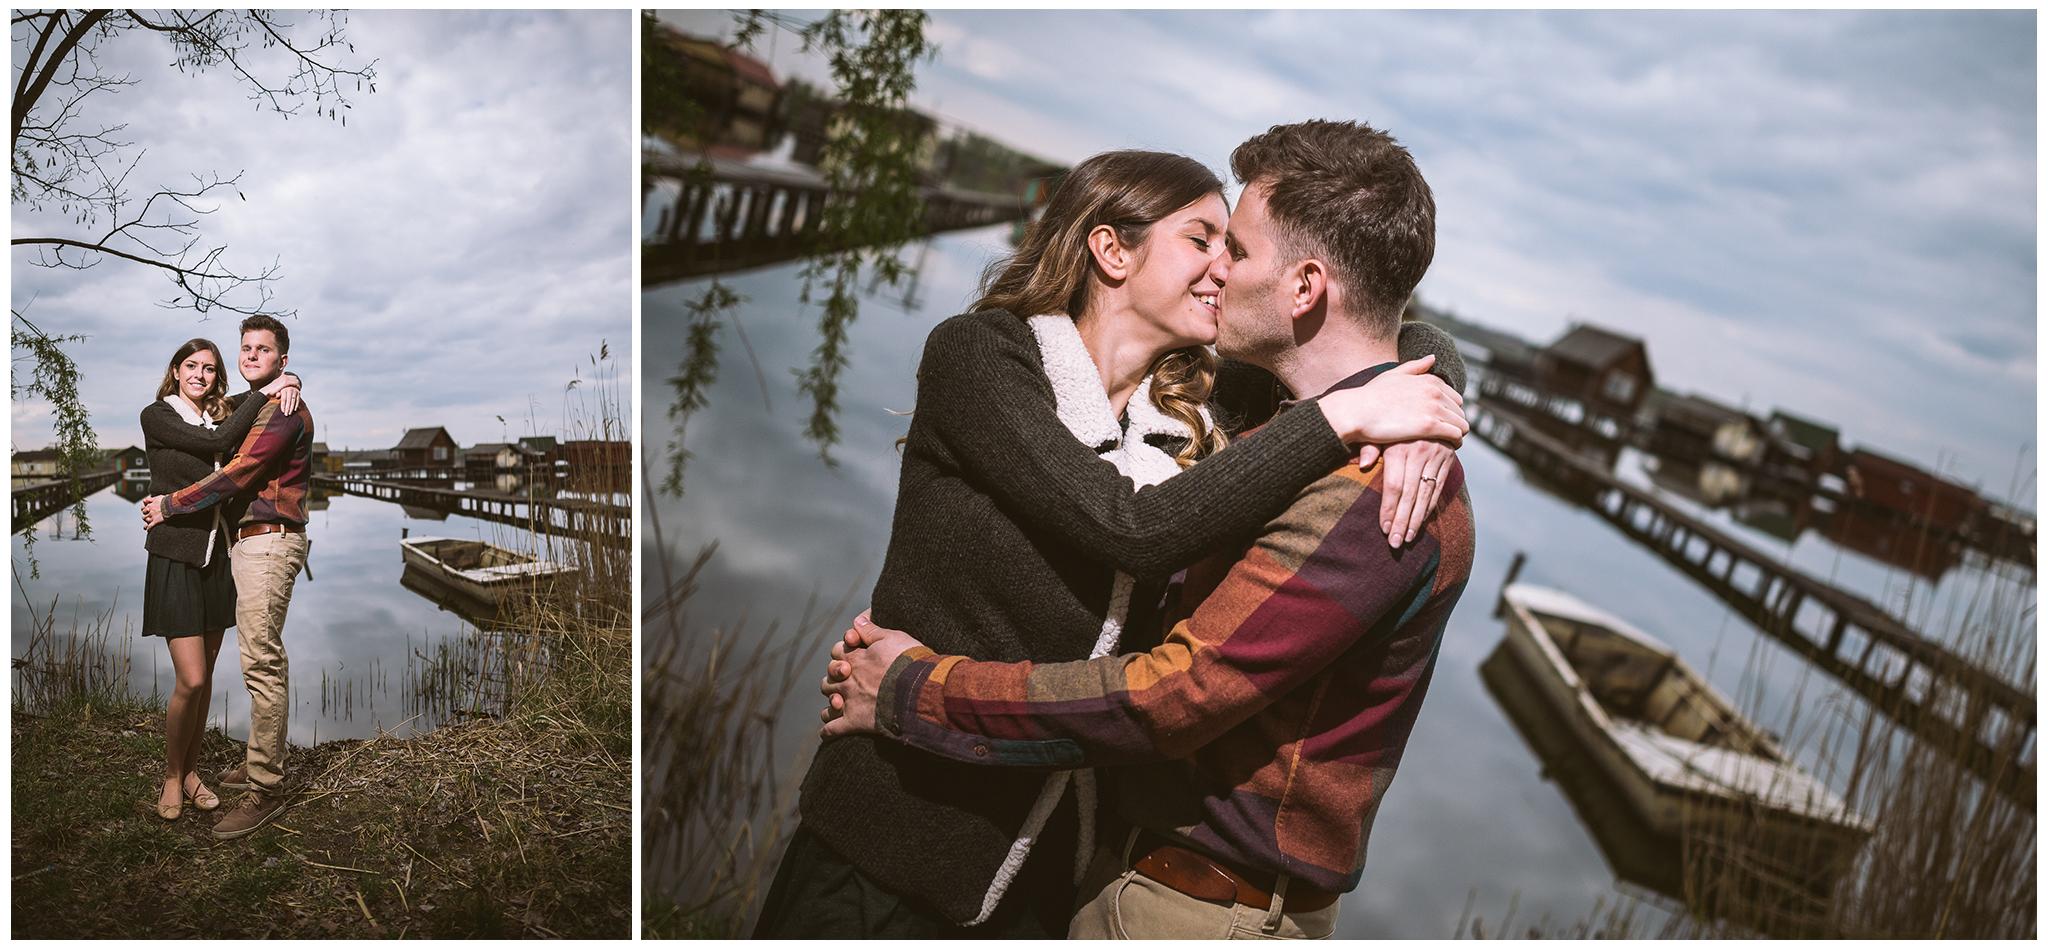 FylepPhoto, esküvőfotózás, magyarország, esküvői fotós, vasmegye, prémium, jegyesfotózás, Fülöp Péter, körmend, kreatív, tihany, Bokod_ 05.jpg